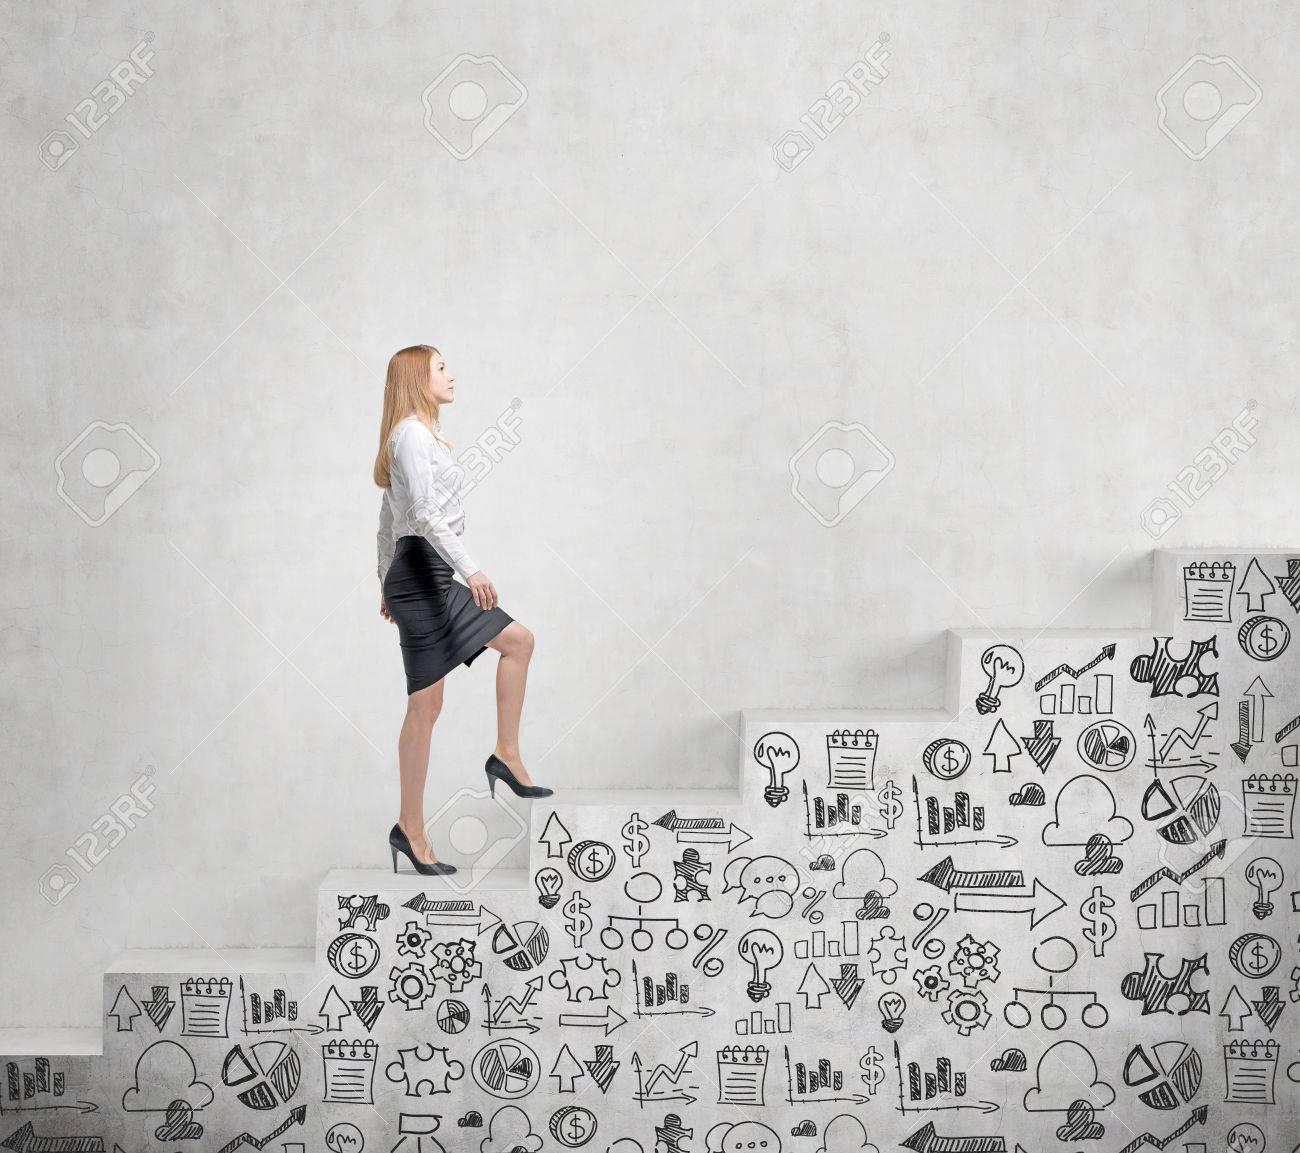 着実に上がっている若い実業家、コンクリート壁に沿って上に描かれた ...